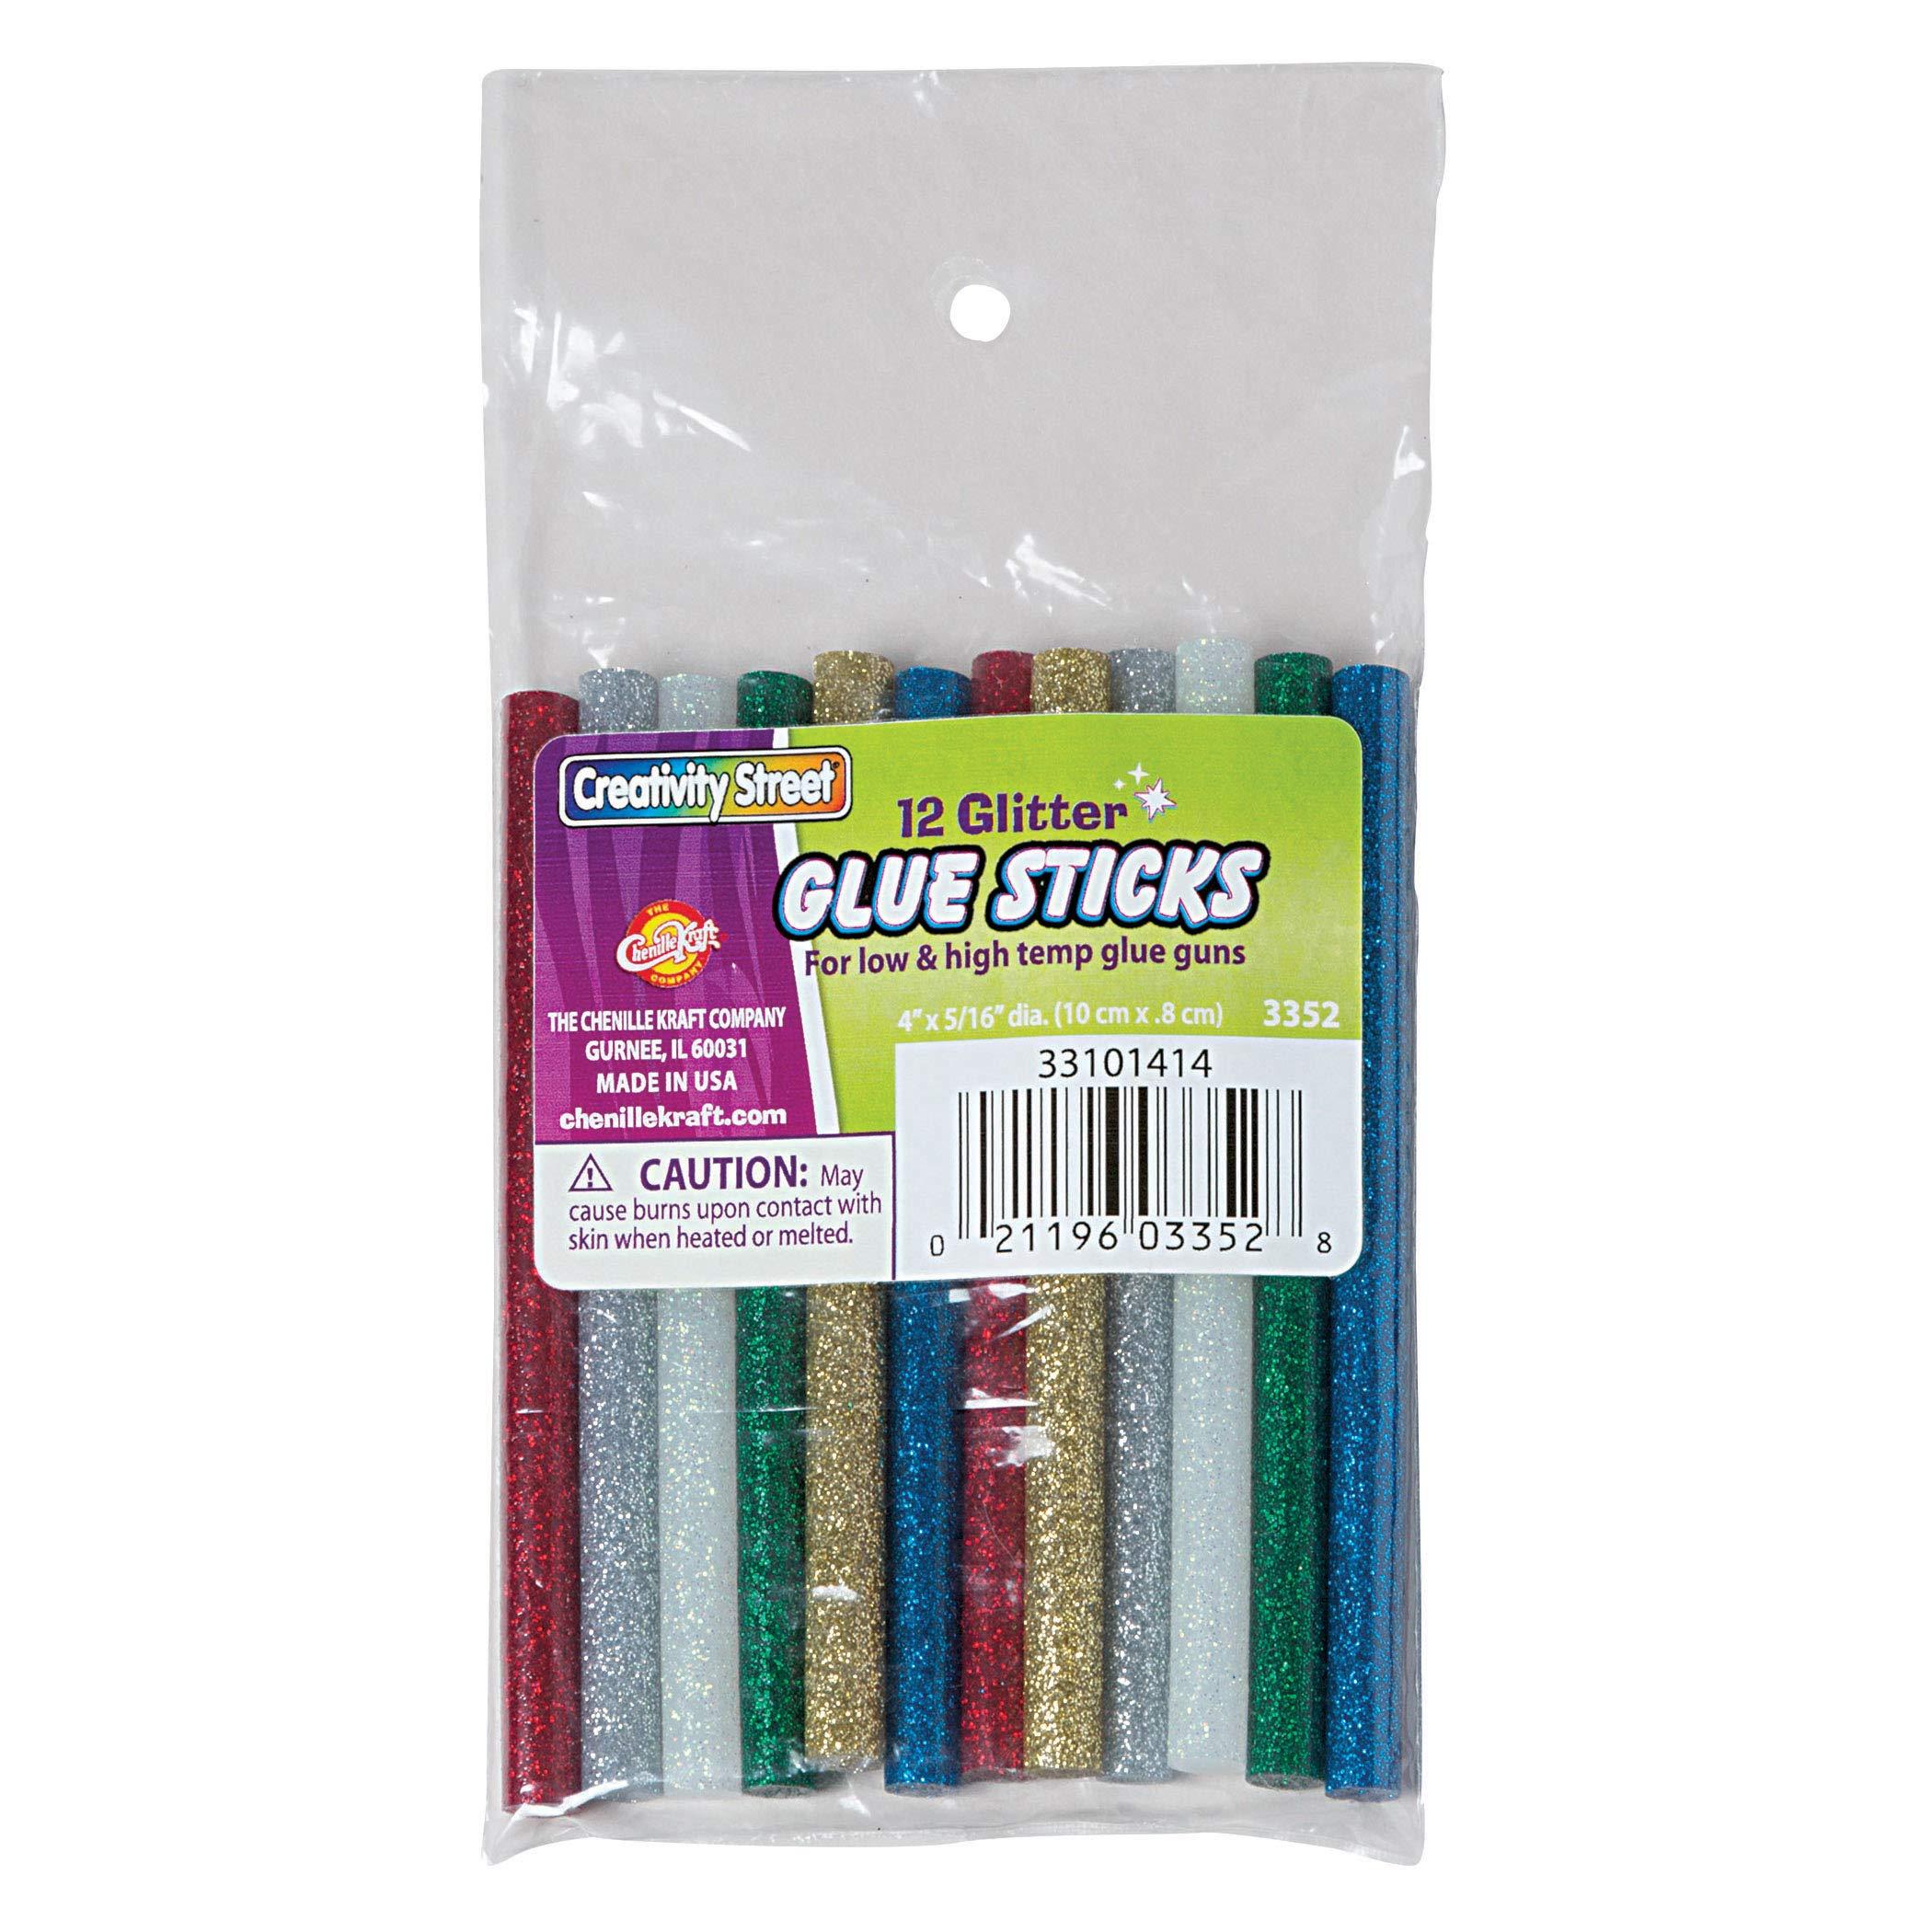 Creativity Street PACAC3352BN Hot Glue Sticks, Glitter, 4'' x 0.31'', 12 Per Pack, 6 Packs